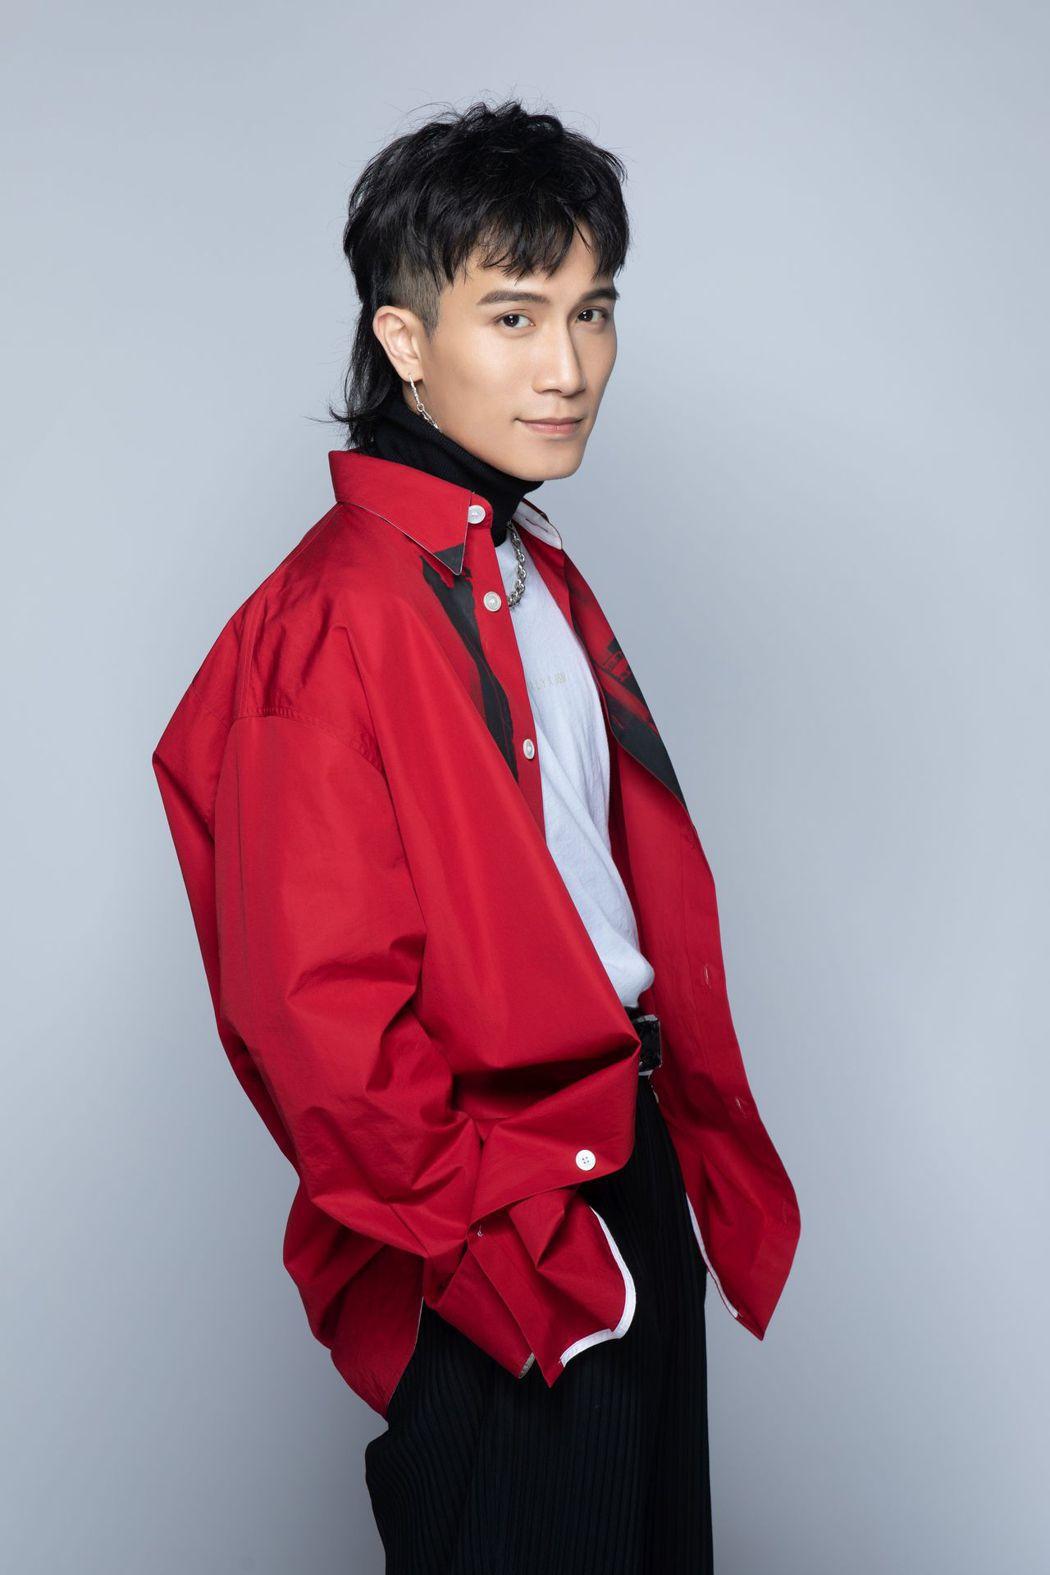 陳彥允暌違一年推出新單曲「星海」。圖/老鷹音樂提供